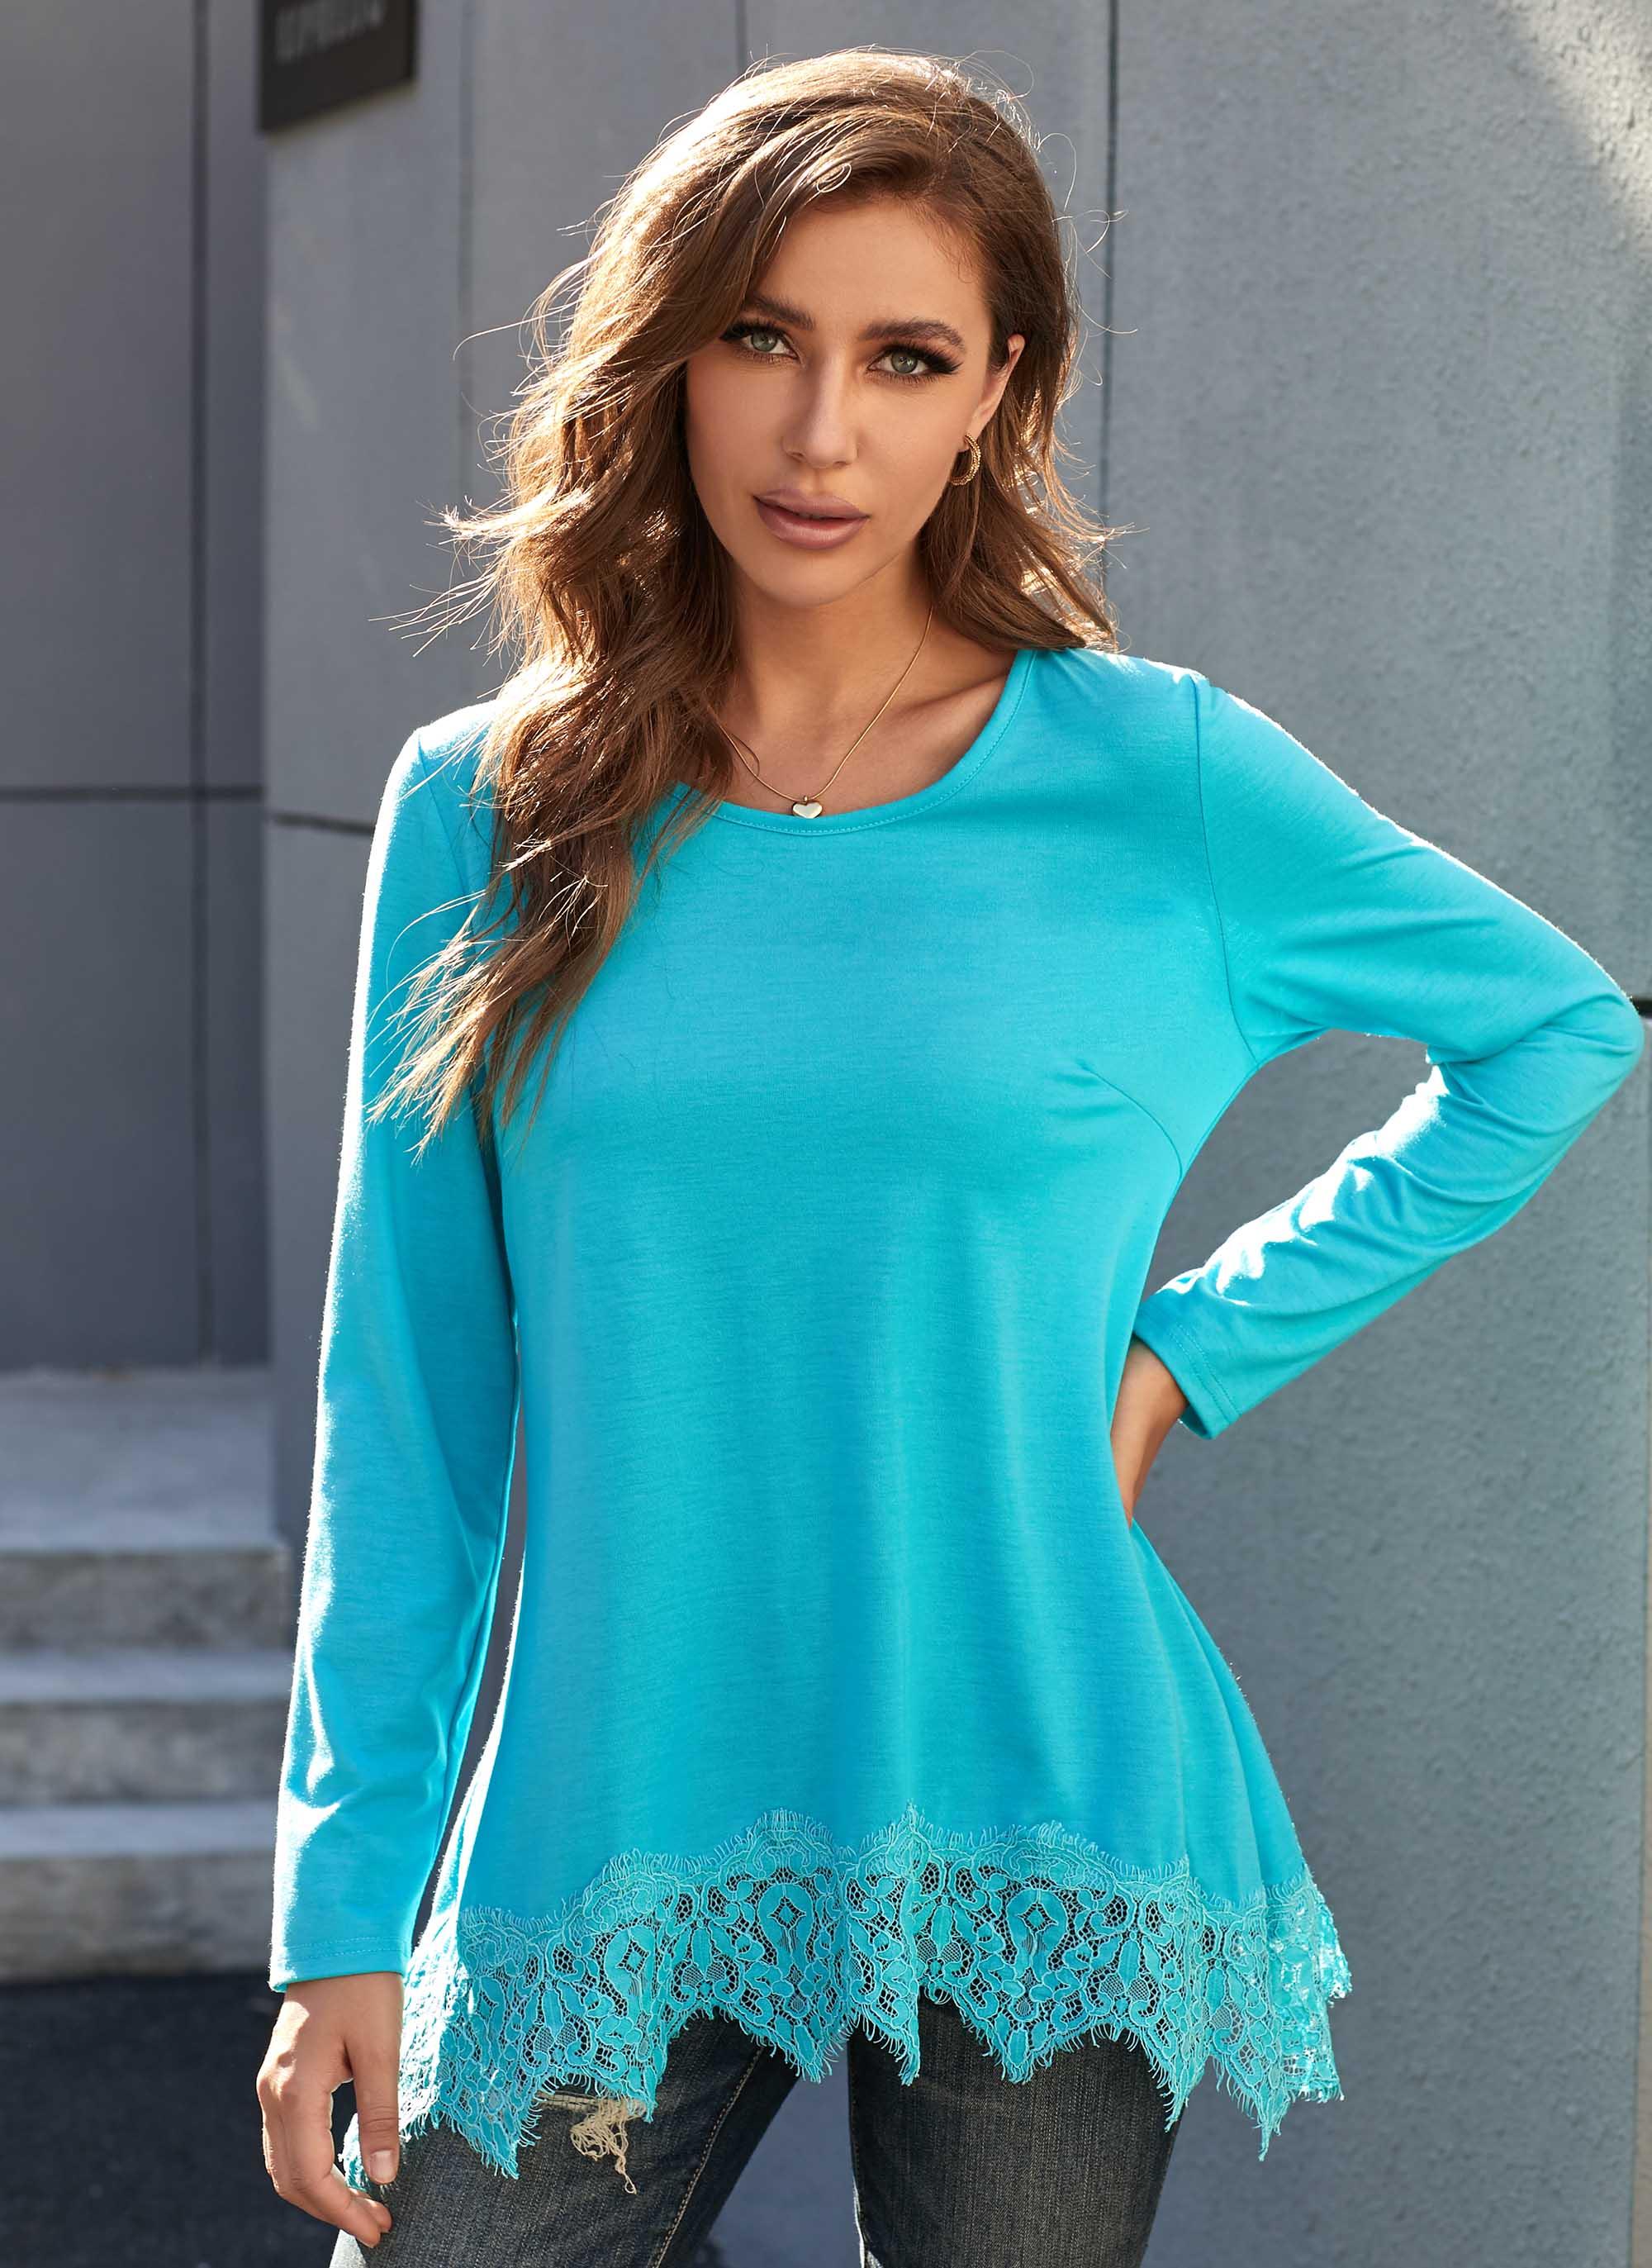 ROTITA Round Neck Long Sleeve Lace Stitching Tunic Top